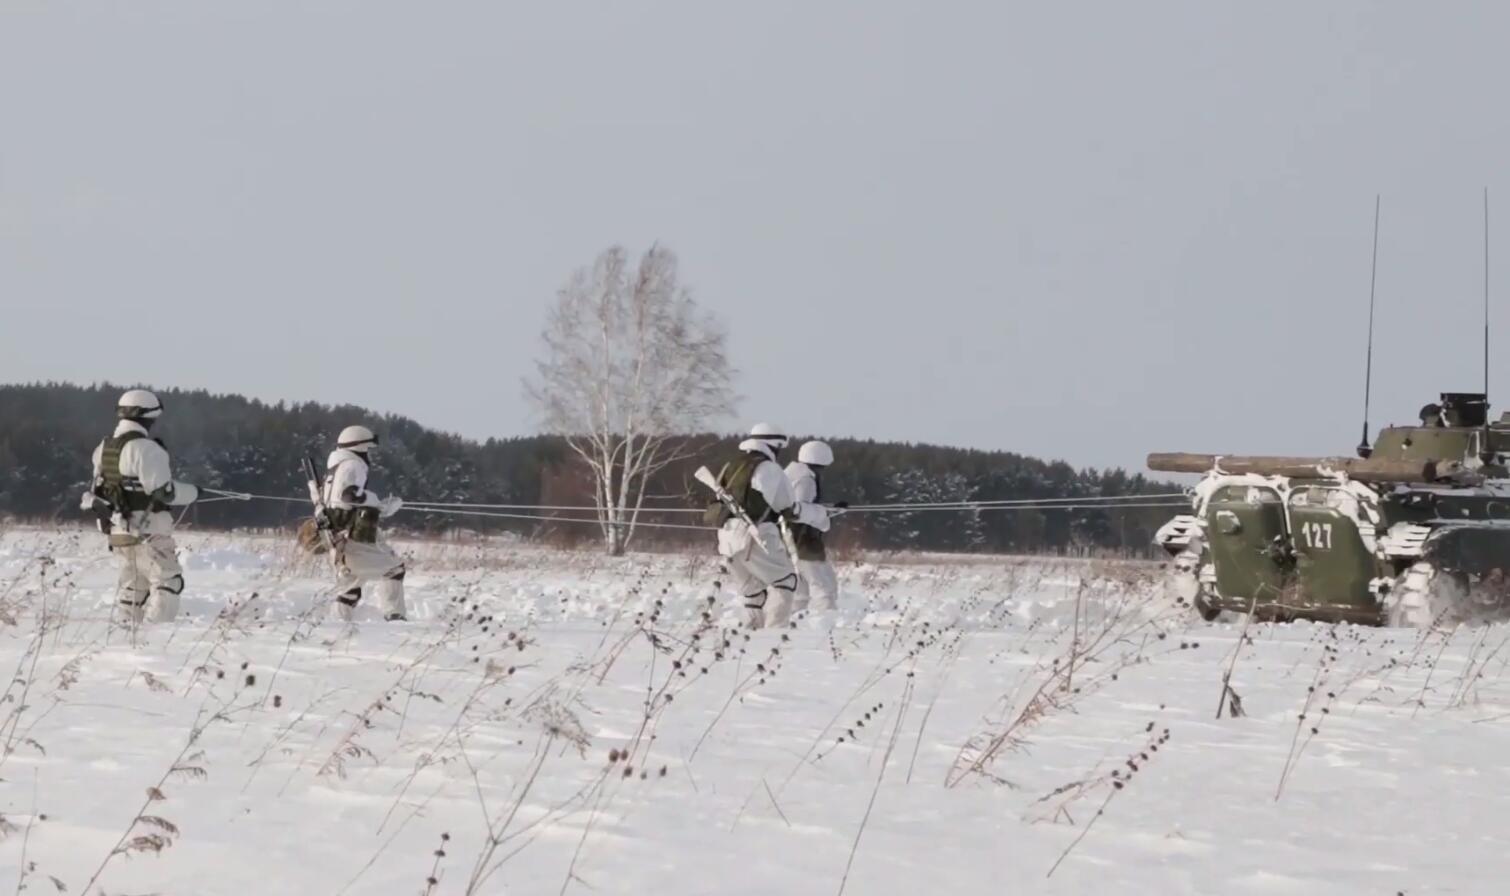 看俄军冬季怎么打仗装甲车拖着士兵滑雪前进